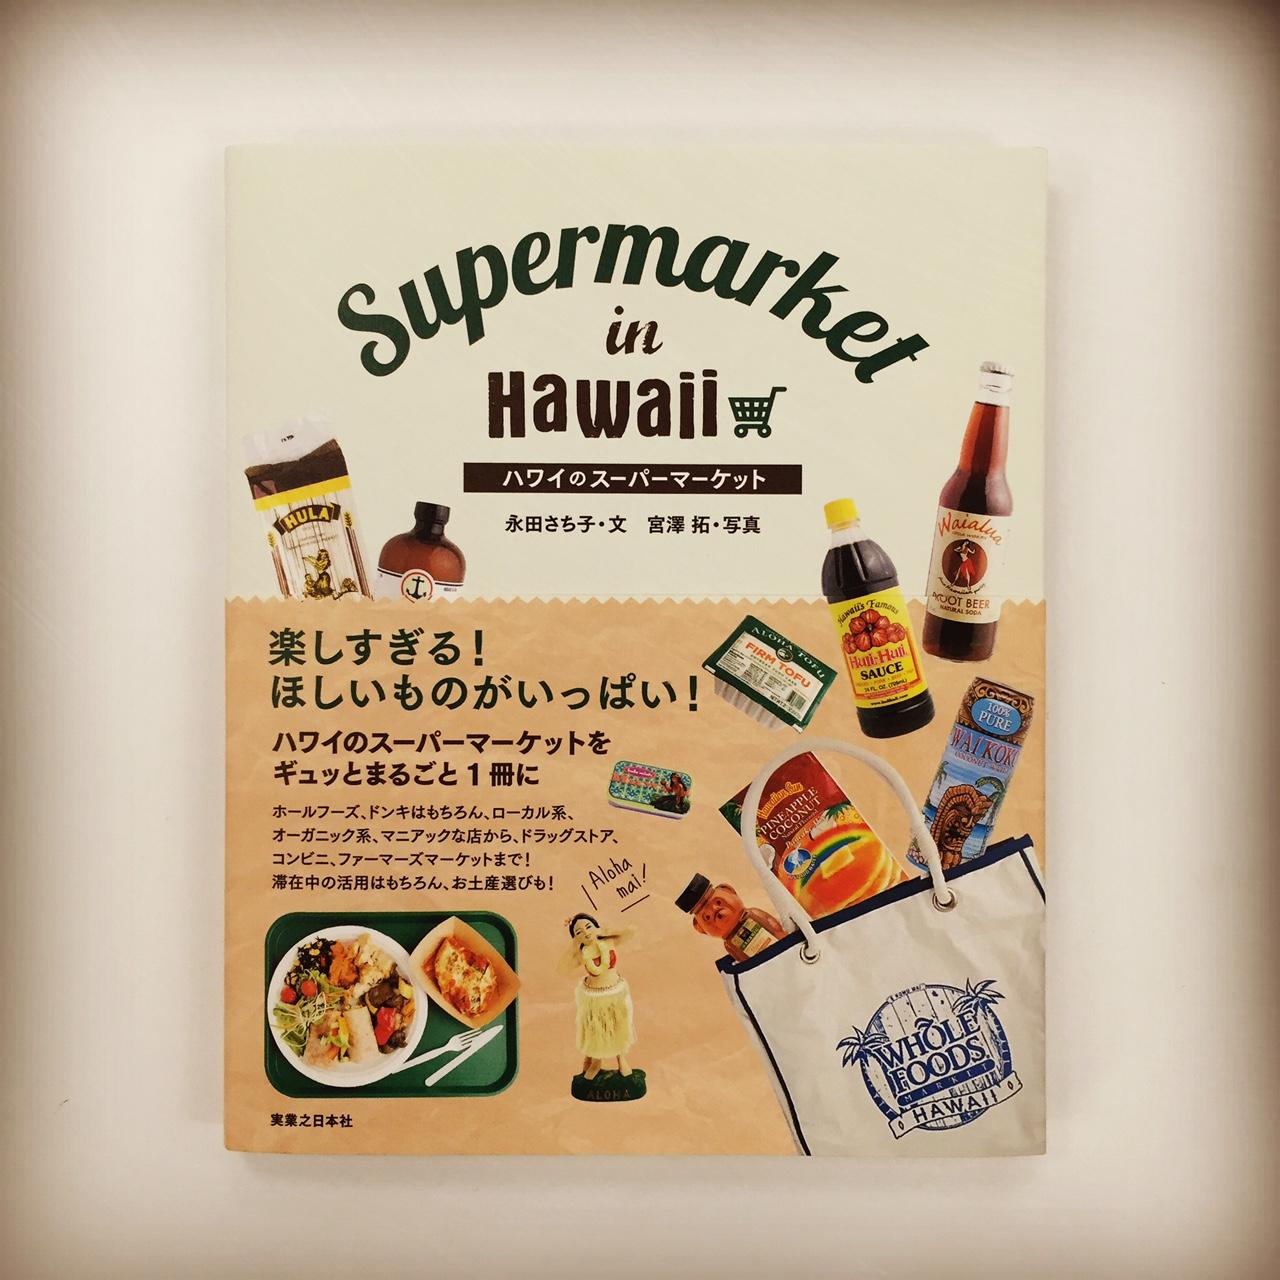 夏の予定はもう決まった? ありそうでなかったガイド本『ハワイのスーパーマーケット』_1